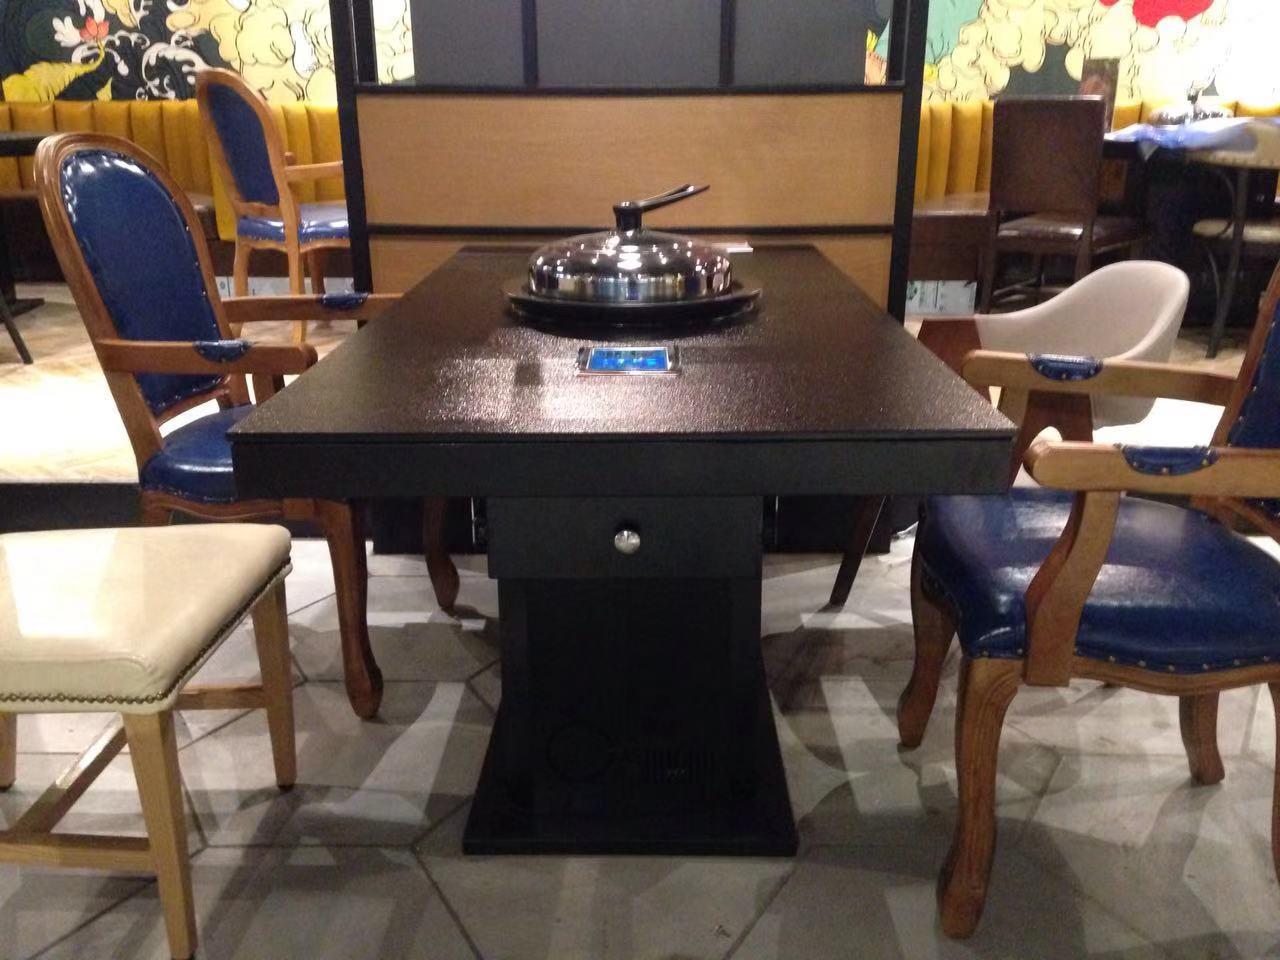 福建超级鲜生 Z67B类似雷竞技这种靠谱的桌.jpg